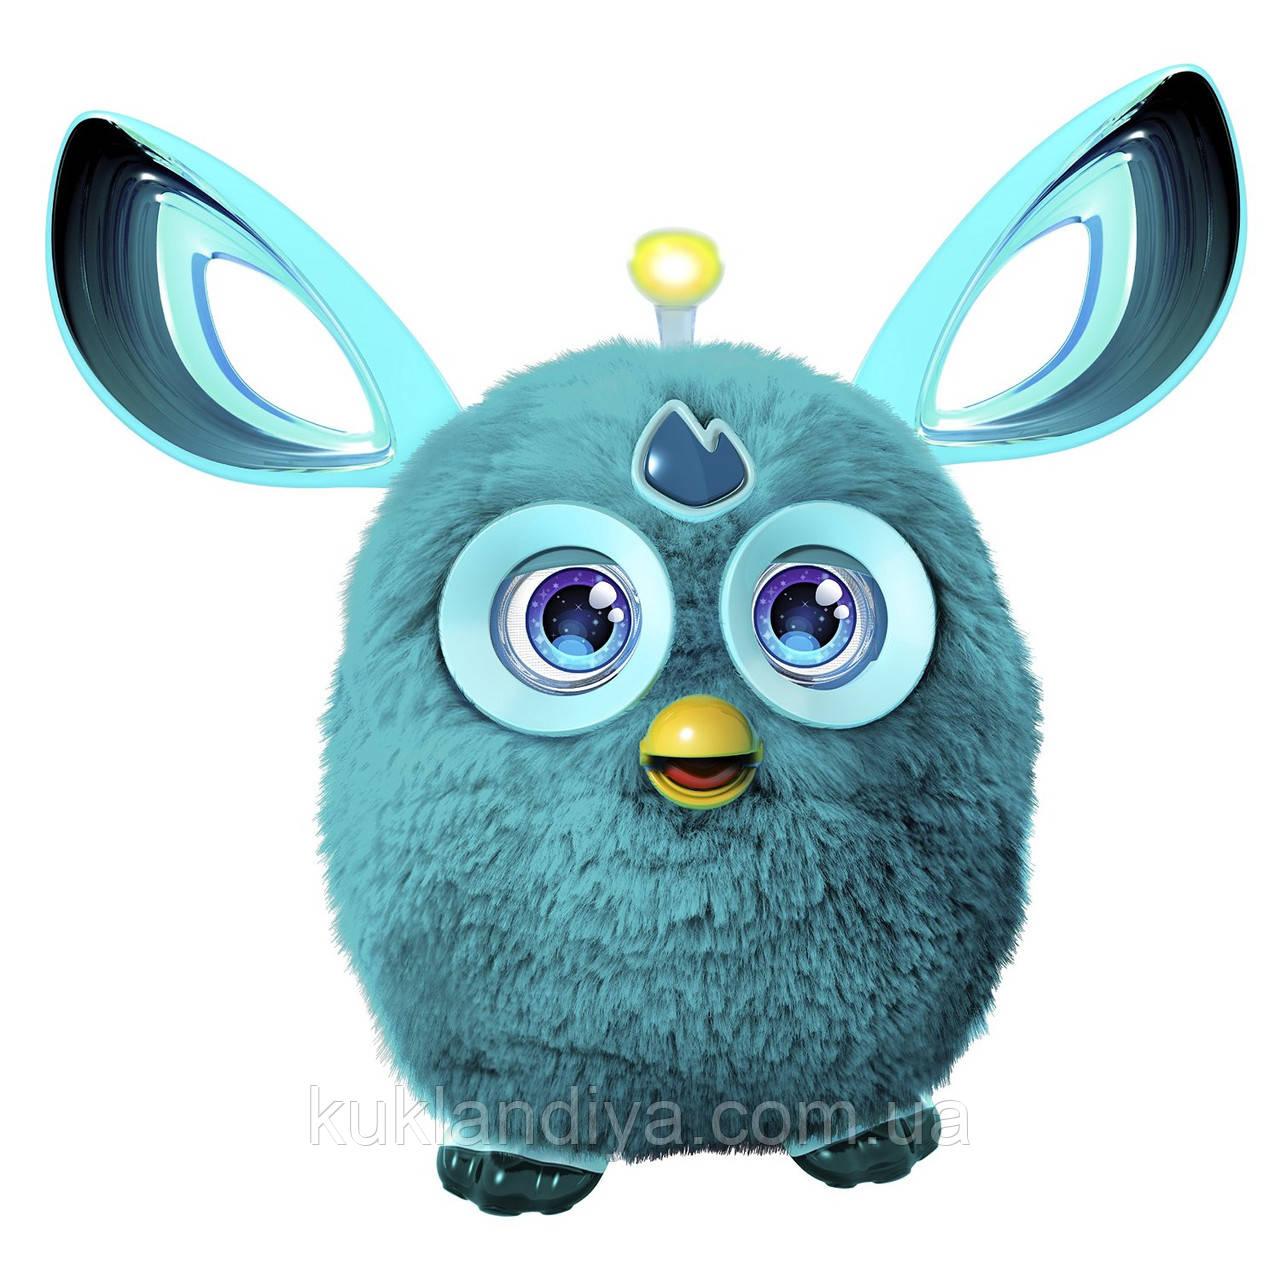 Інтерактивний Furby Connect Бірюзовий Hasbro